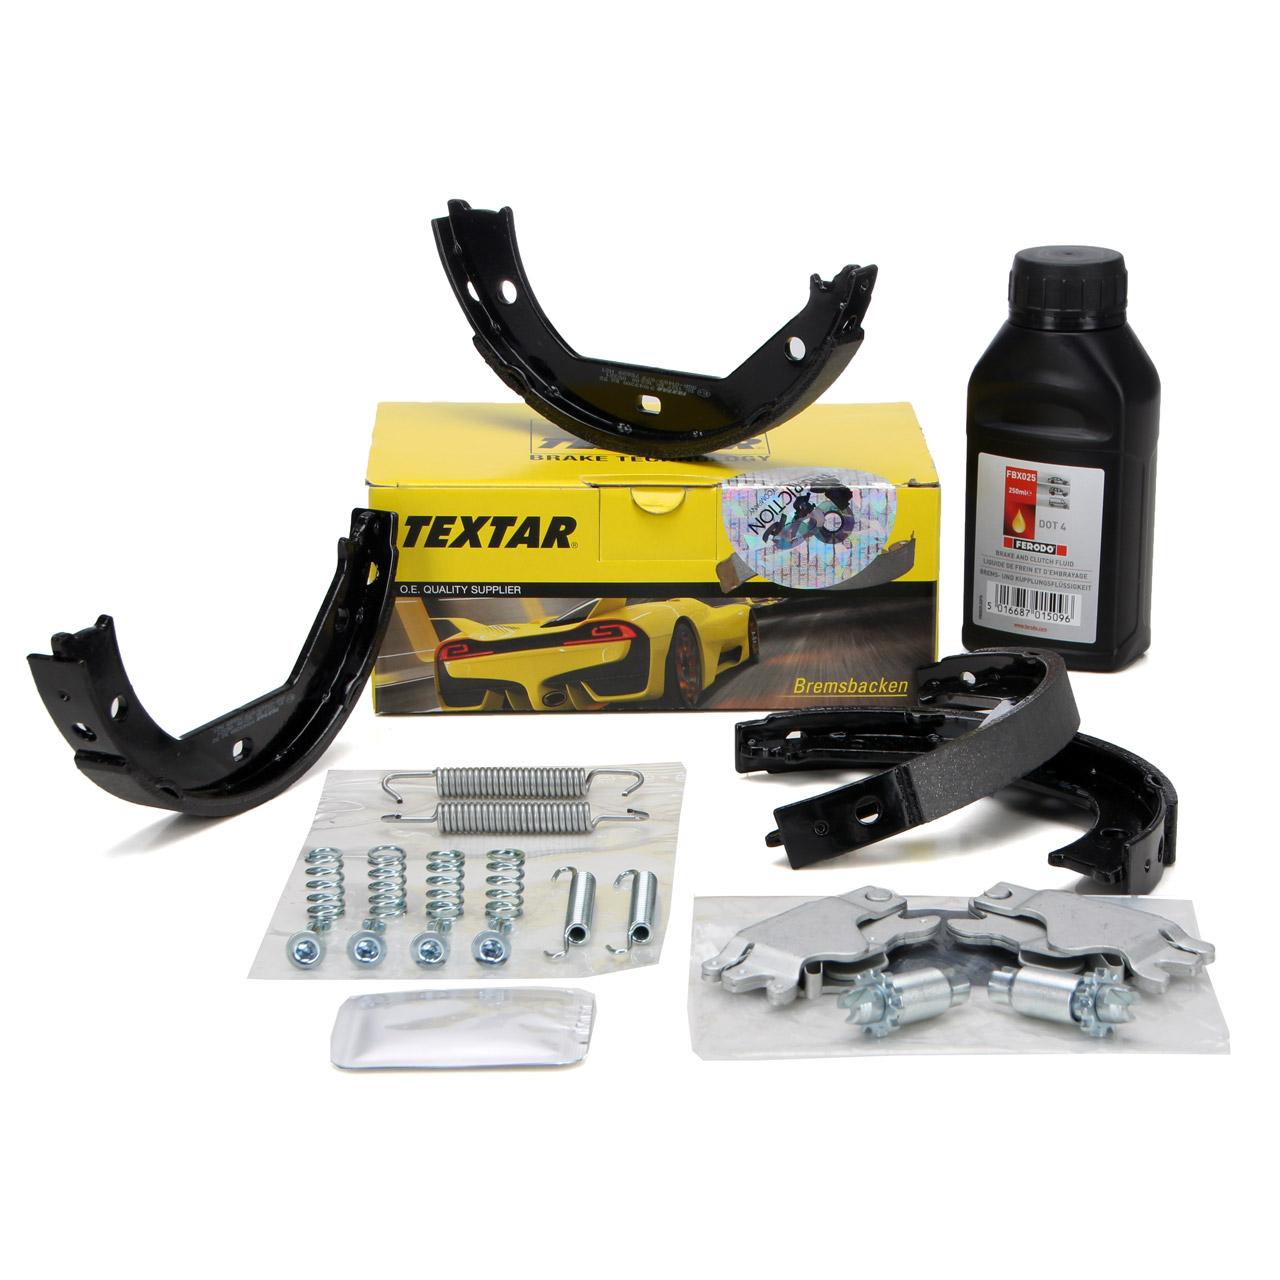 TEXTAR Bremsbacken Federn Nachsteller Satz Bremsflüssigkeit DOT4 BMW E81-88 E46 E90-93 F30